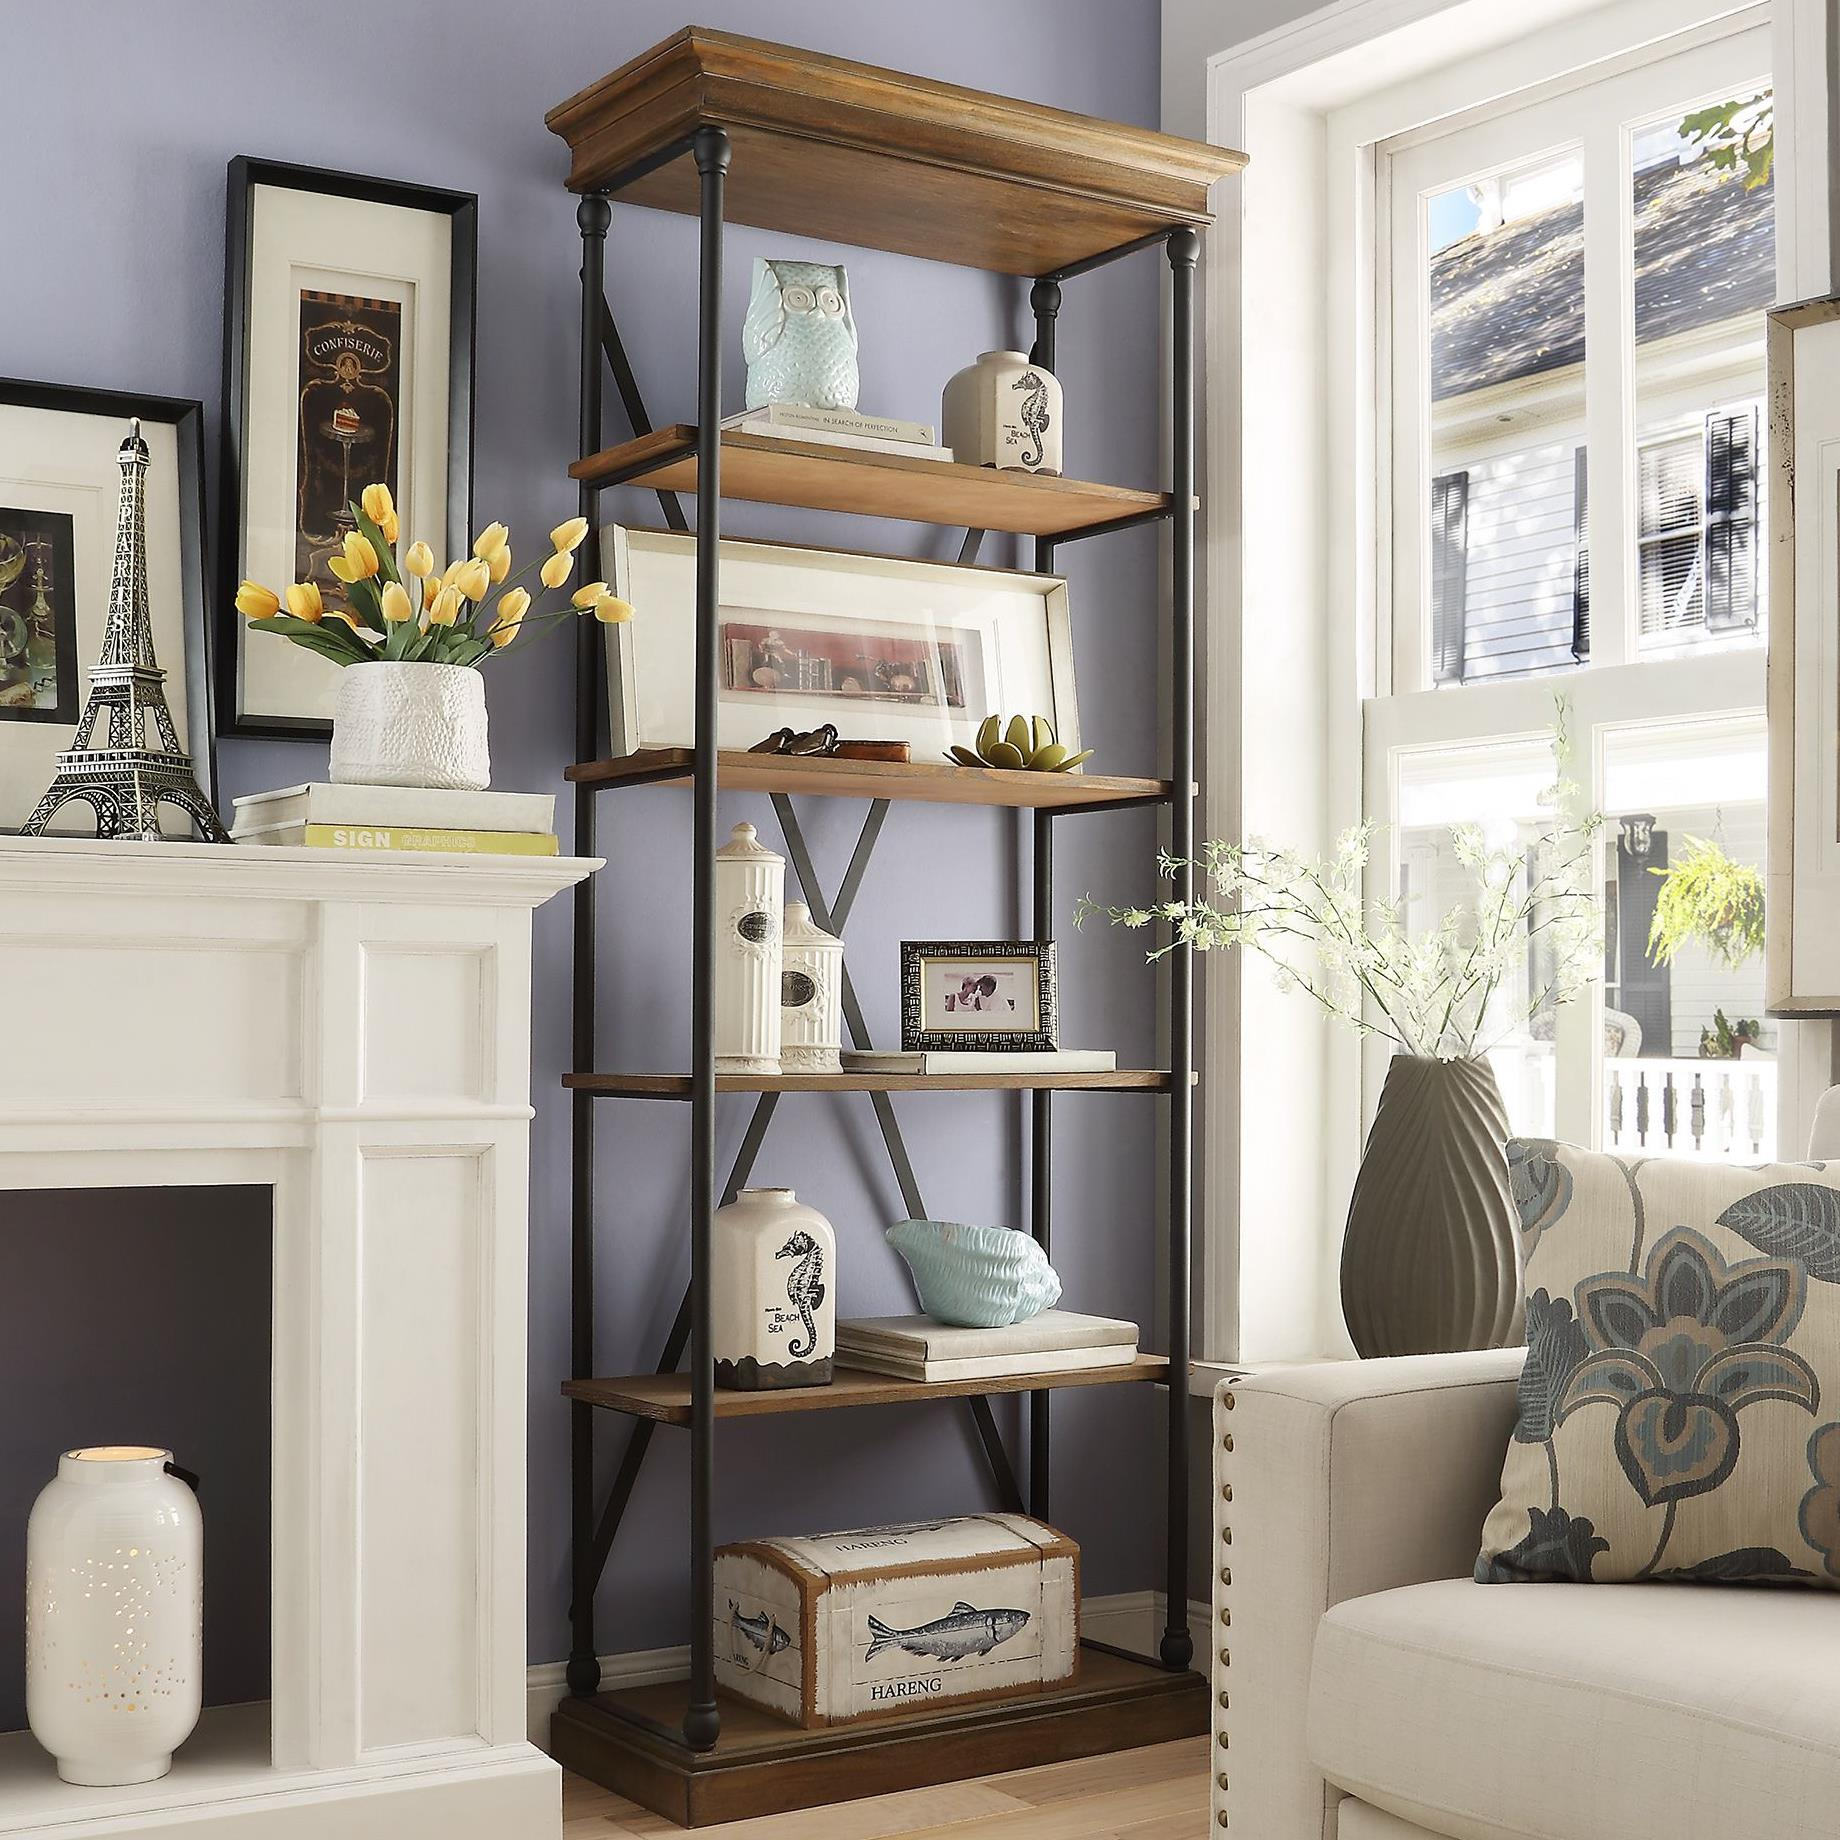 Homelegance E296 Open Bookcase - Item Number: E296-12S